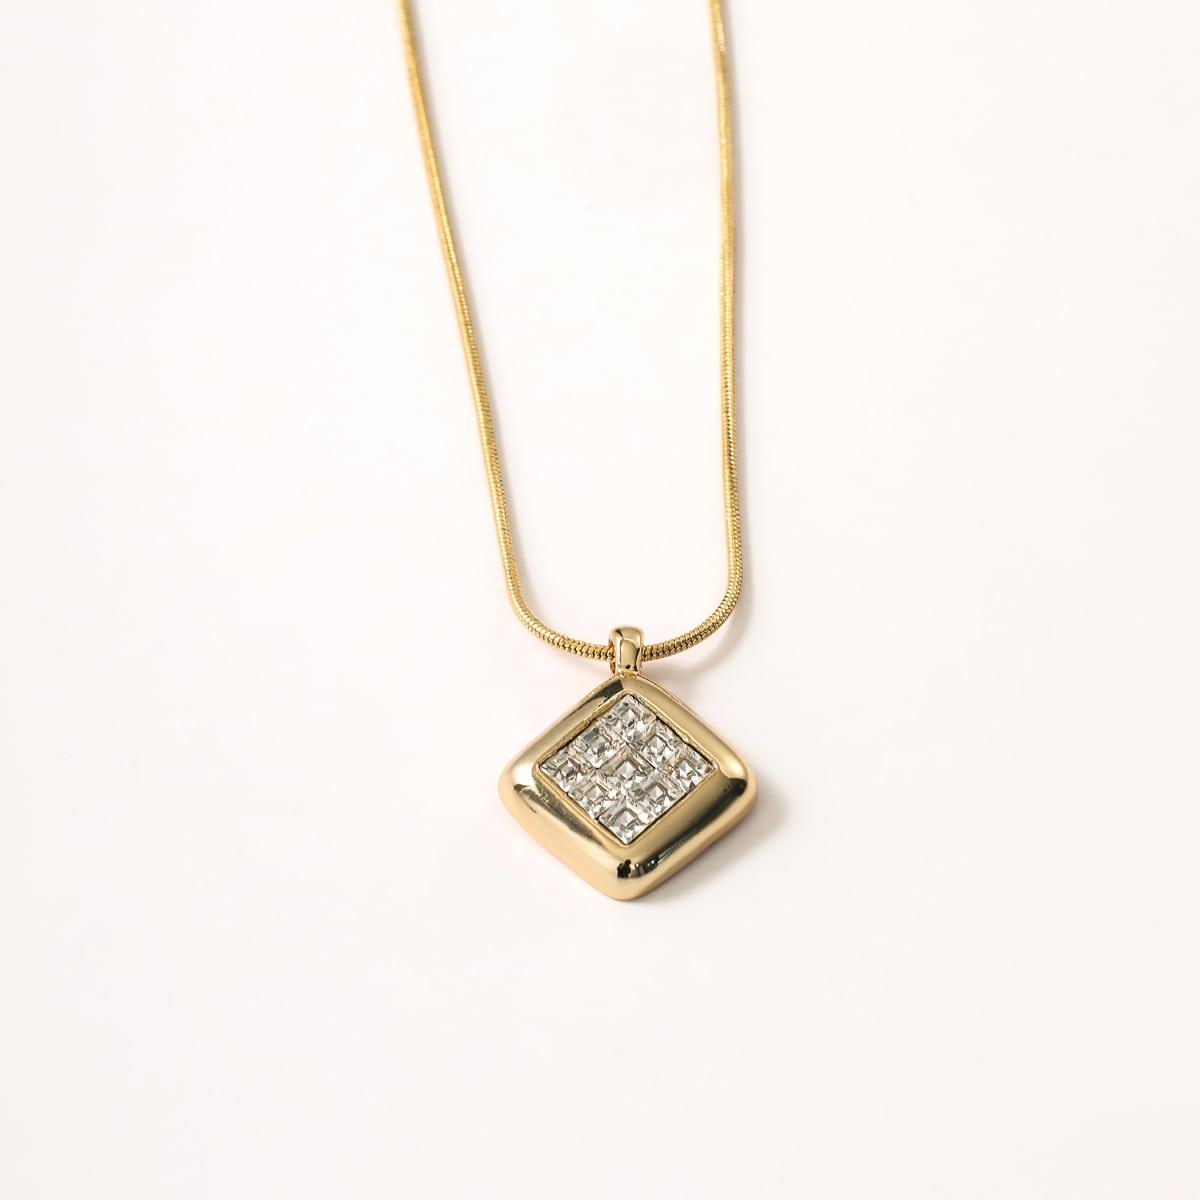 SHEIN / 1pc Strass gravierte geometrische Charm Halskette